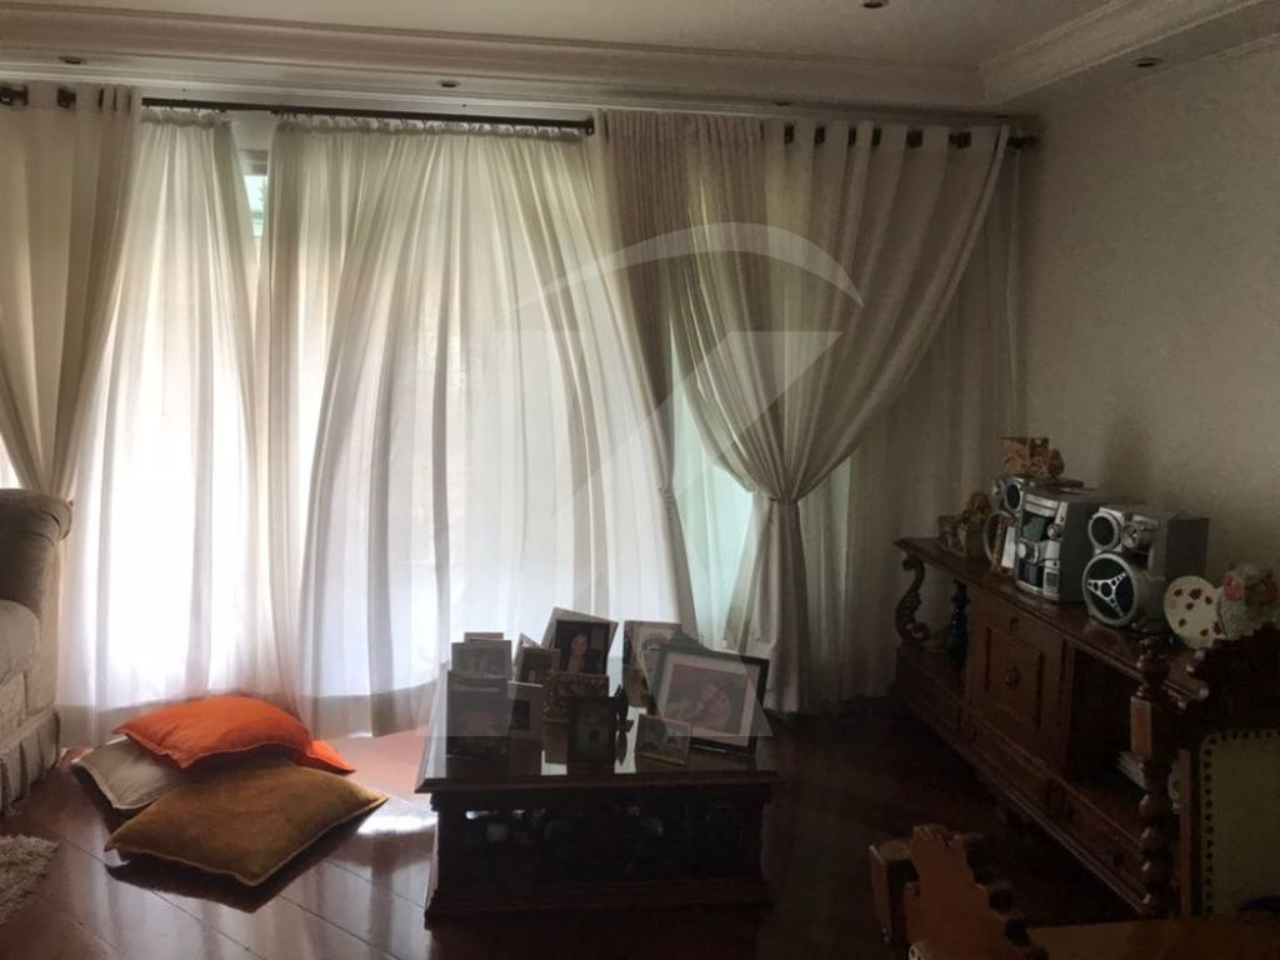 Casa  Vila Dom Pedro II - 4 Dormitório(s) - São Paulo - SP - REF. KA8130